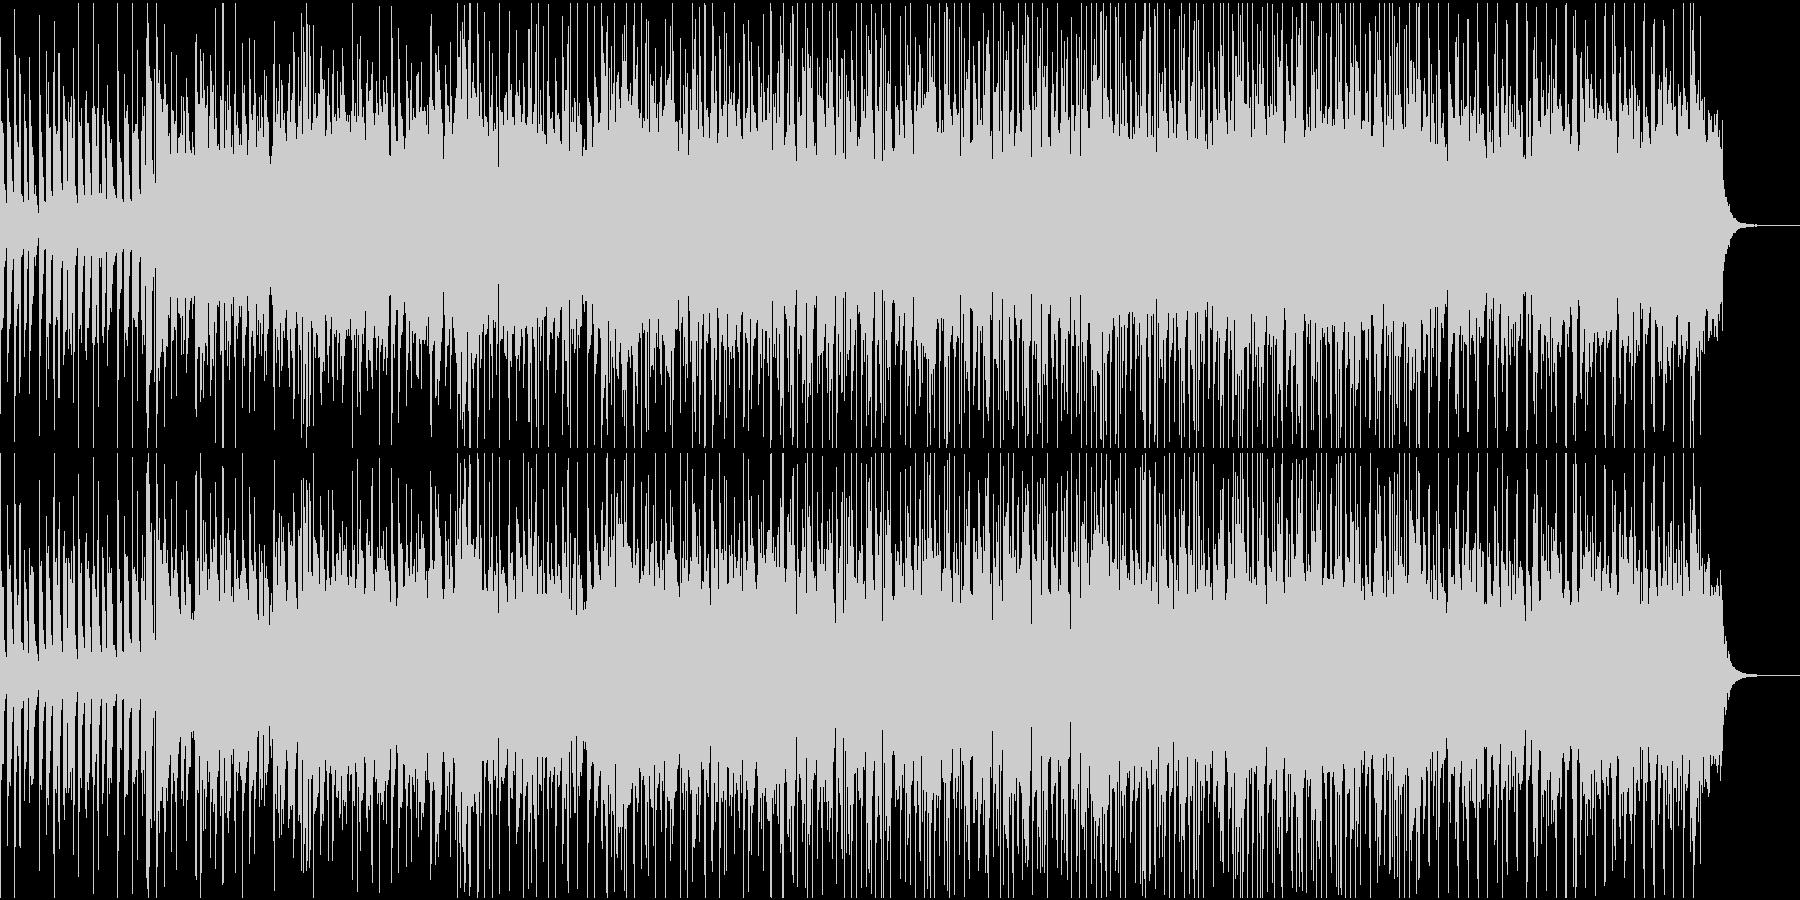 ひっそりとしたい時に聞くようなBGMの未再生の波形